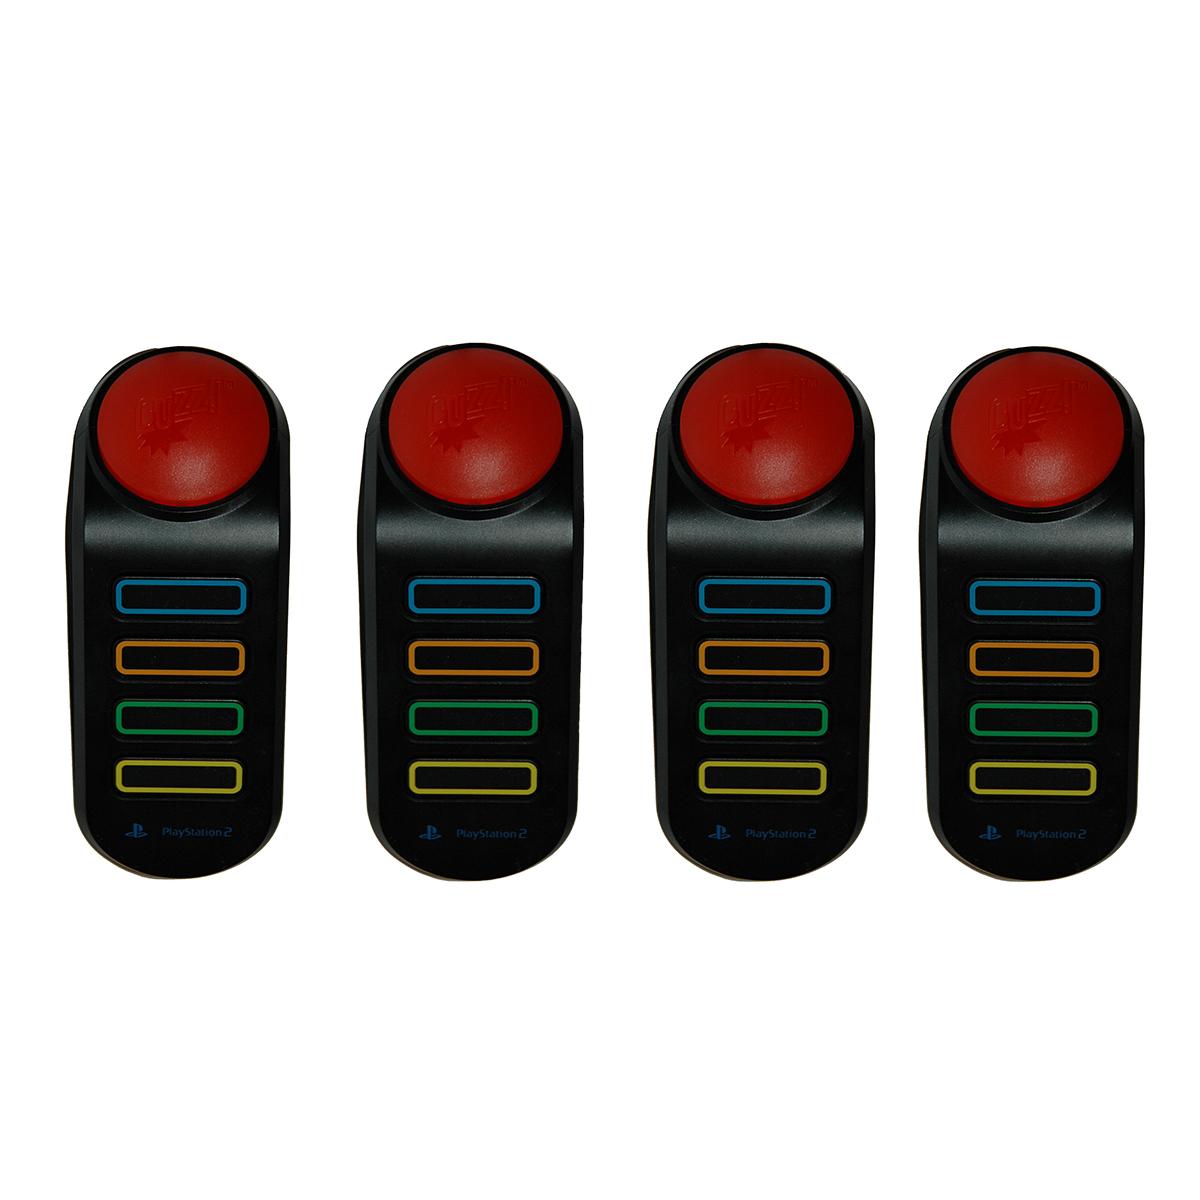 دسته بازی بی سیم پلی استیشن 3 مدل Buzz بسته 4 عددی